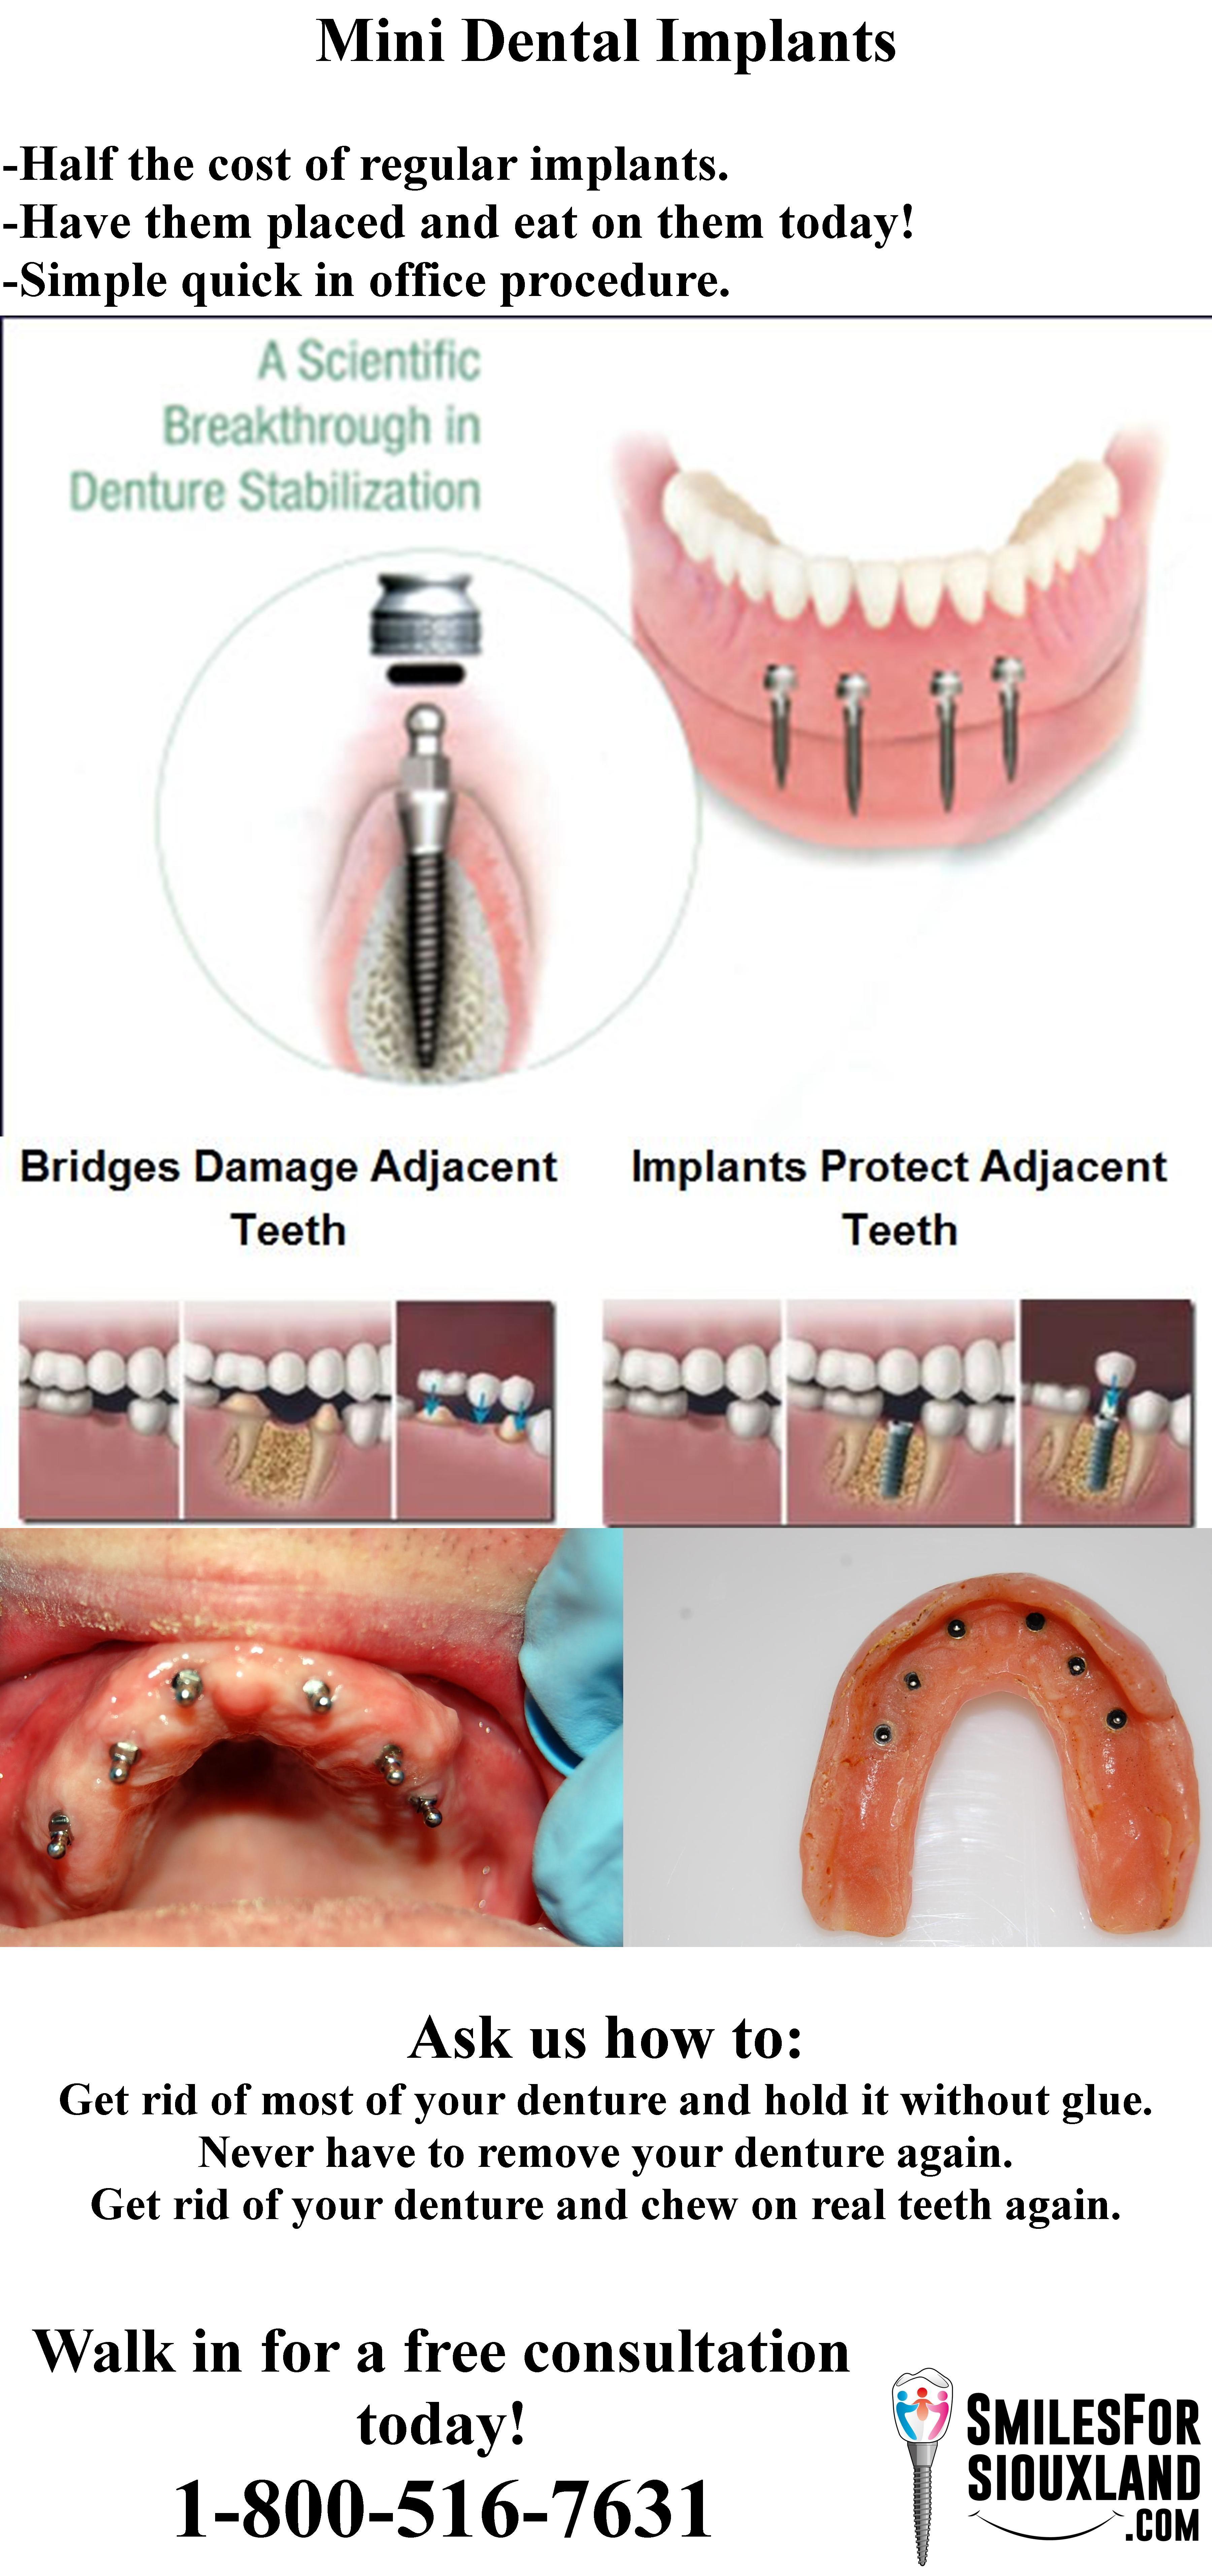 How mini dental implants help people mini dental